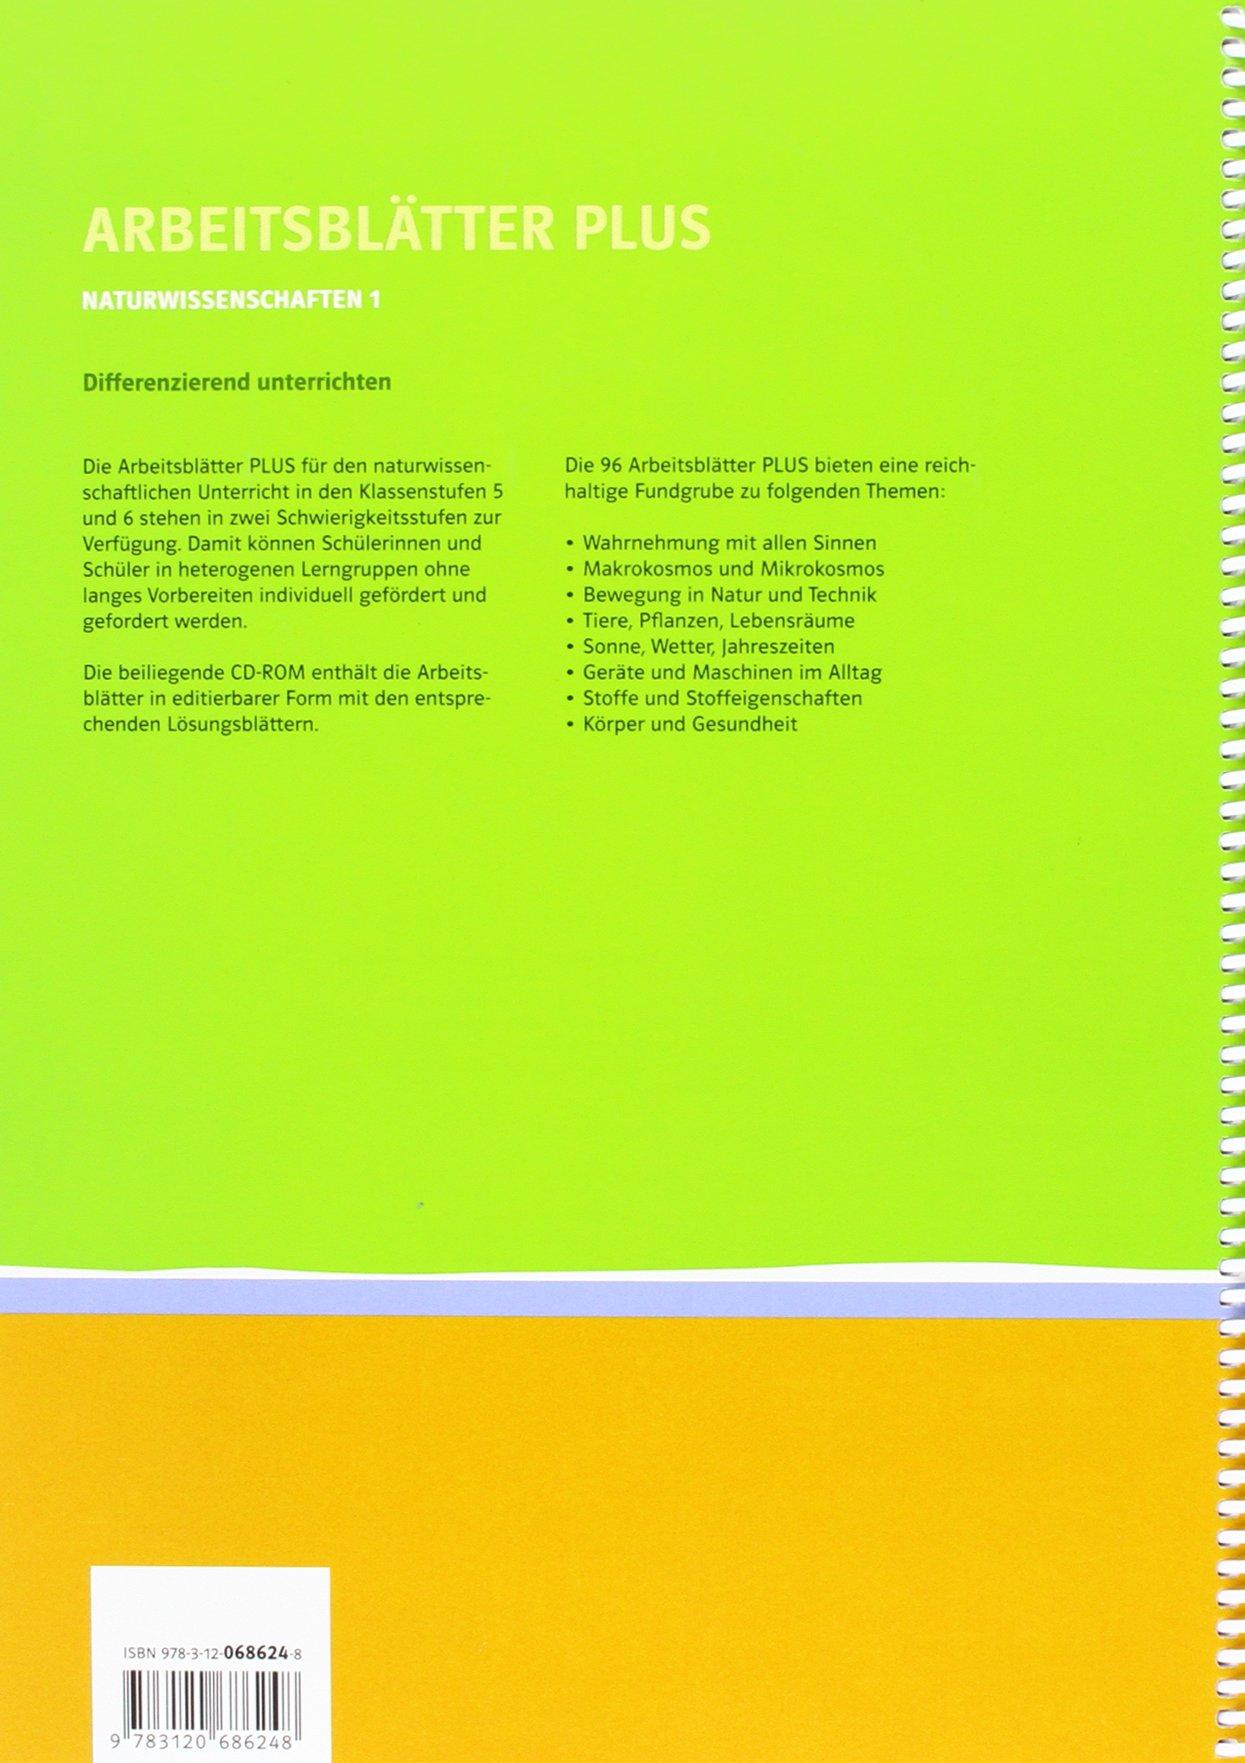 Naturwissenschaften 1: Arbeitsblätter PLUS, Differenziert ...